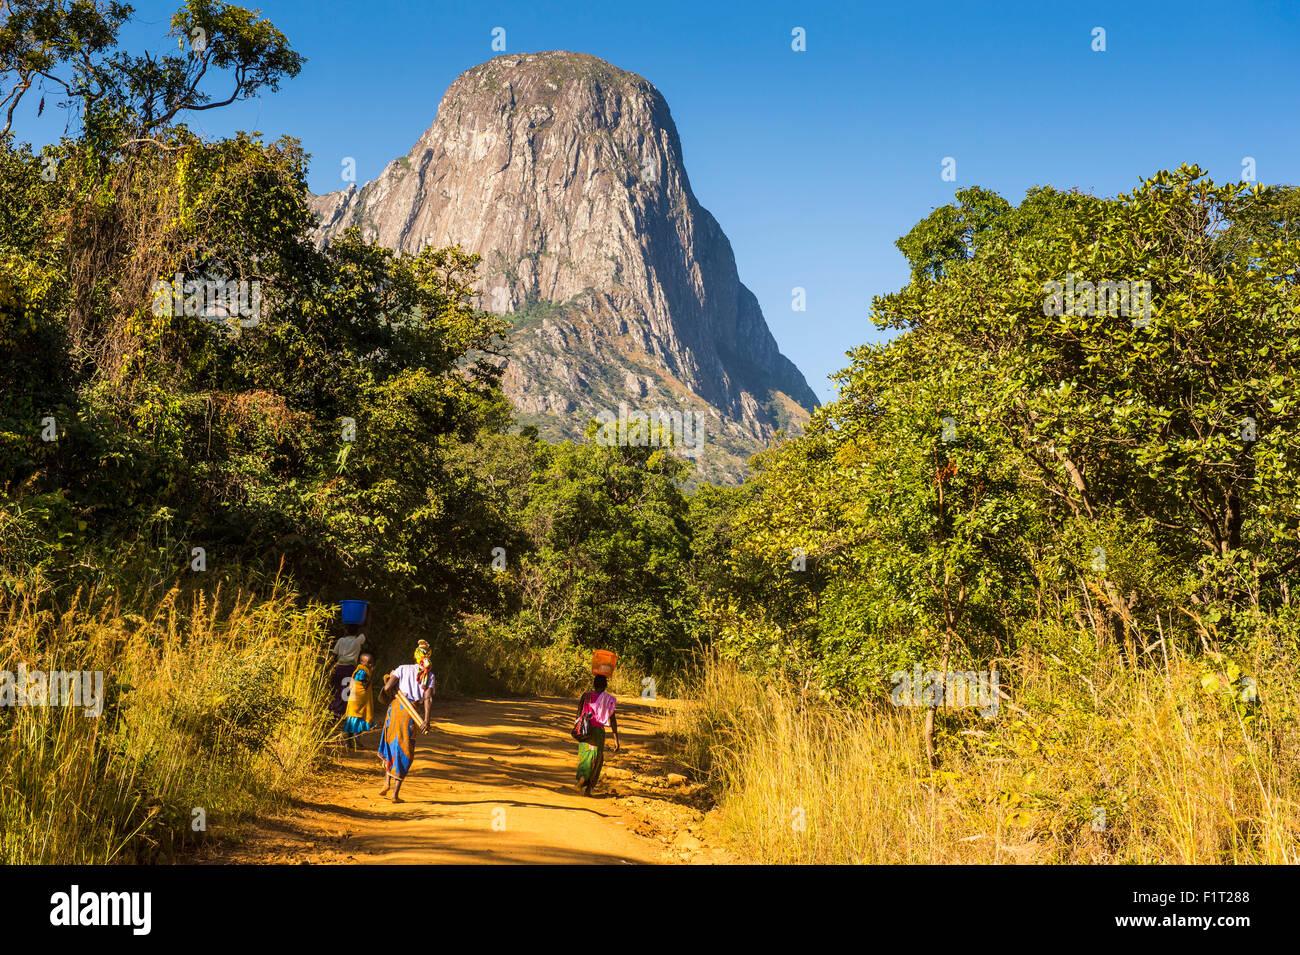 Camino polvoriento hasta el granito laeding picos del monte Mulanje, Malawi, Africa. Imagen De Stock